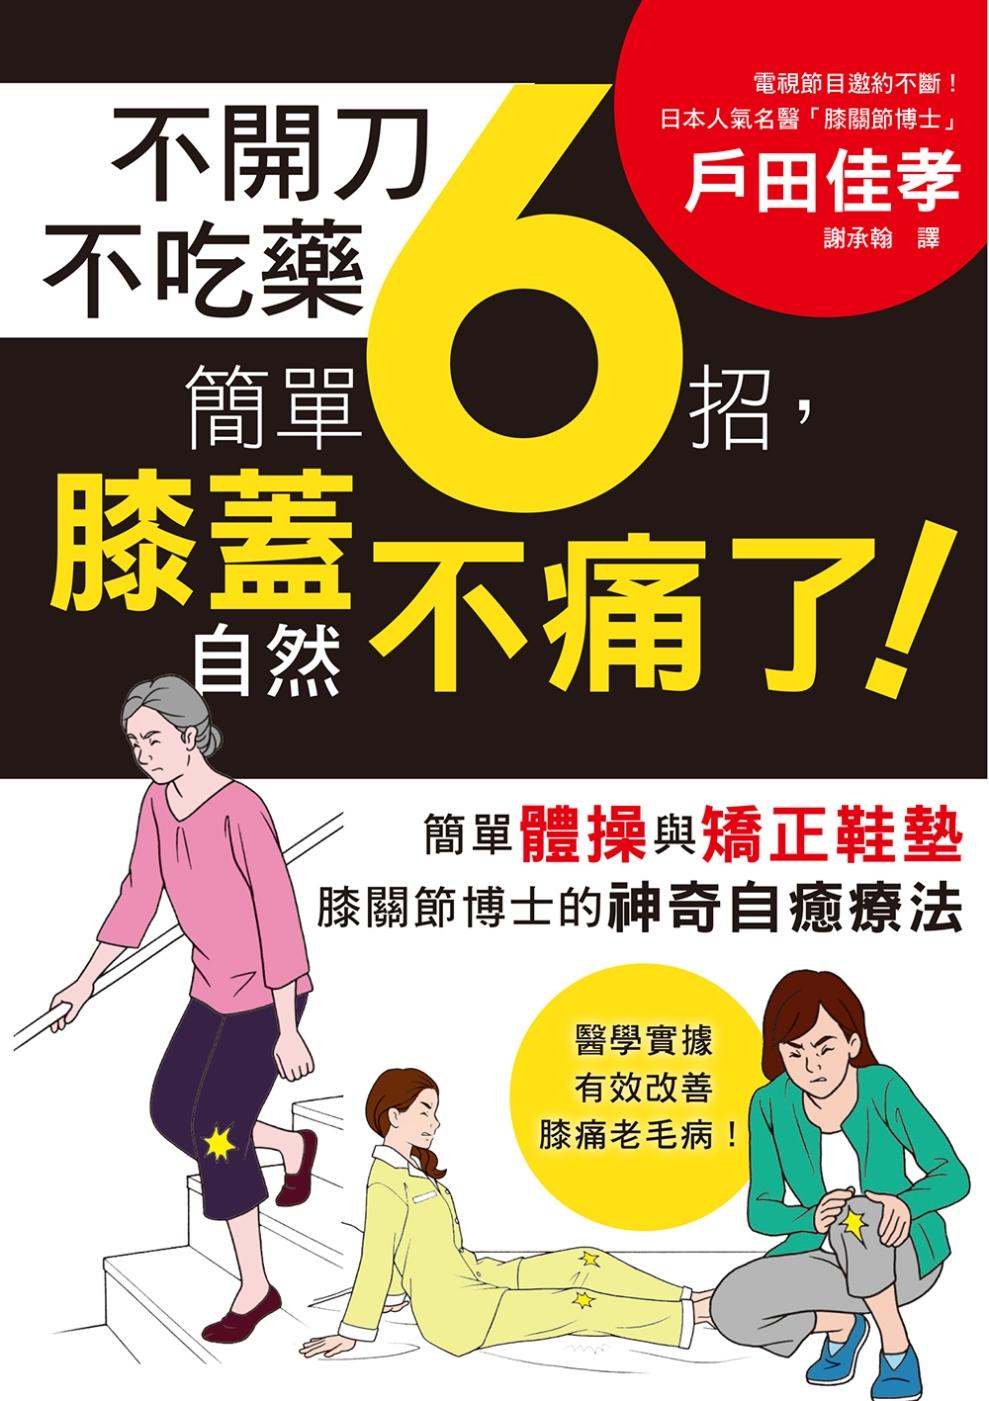 不開刀不吃藥 簡單6招,膝蓋自然不痛了!:電視節目邀約不斷!日本膝關節博士的神奇自癒療法